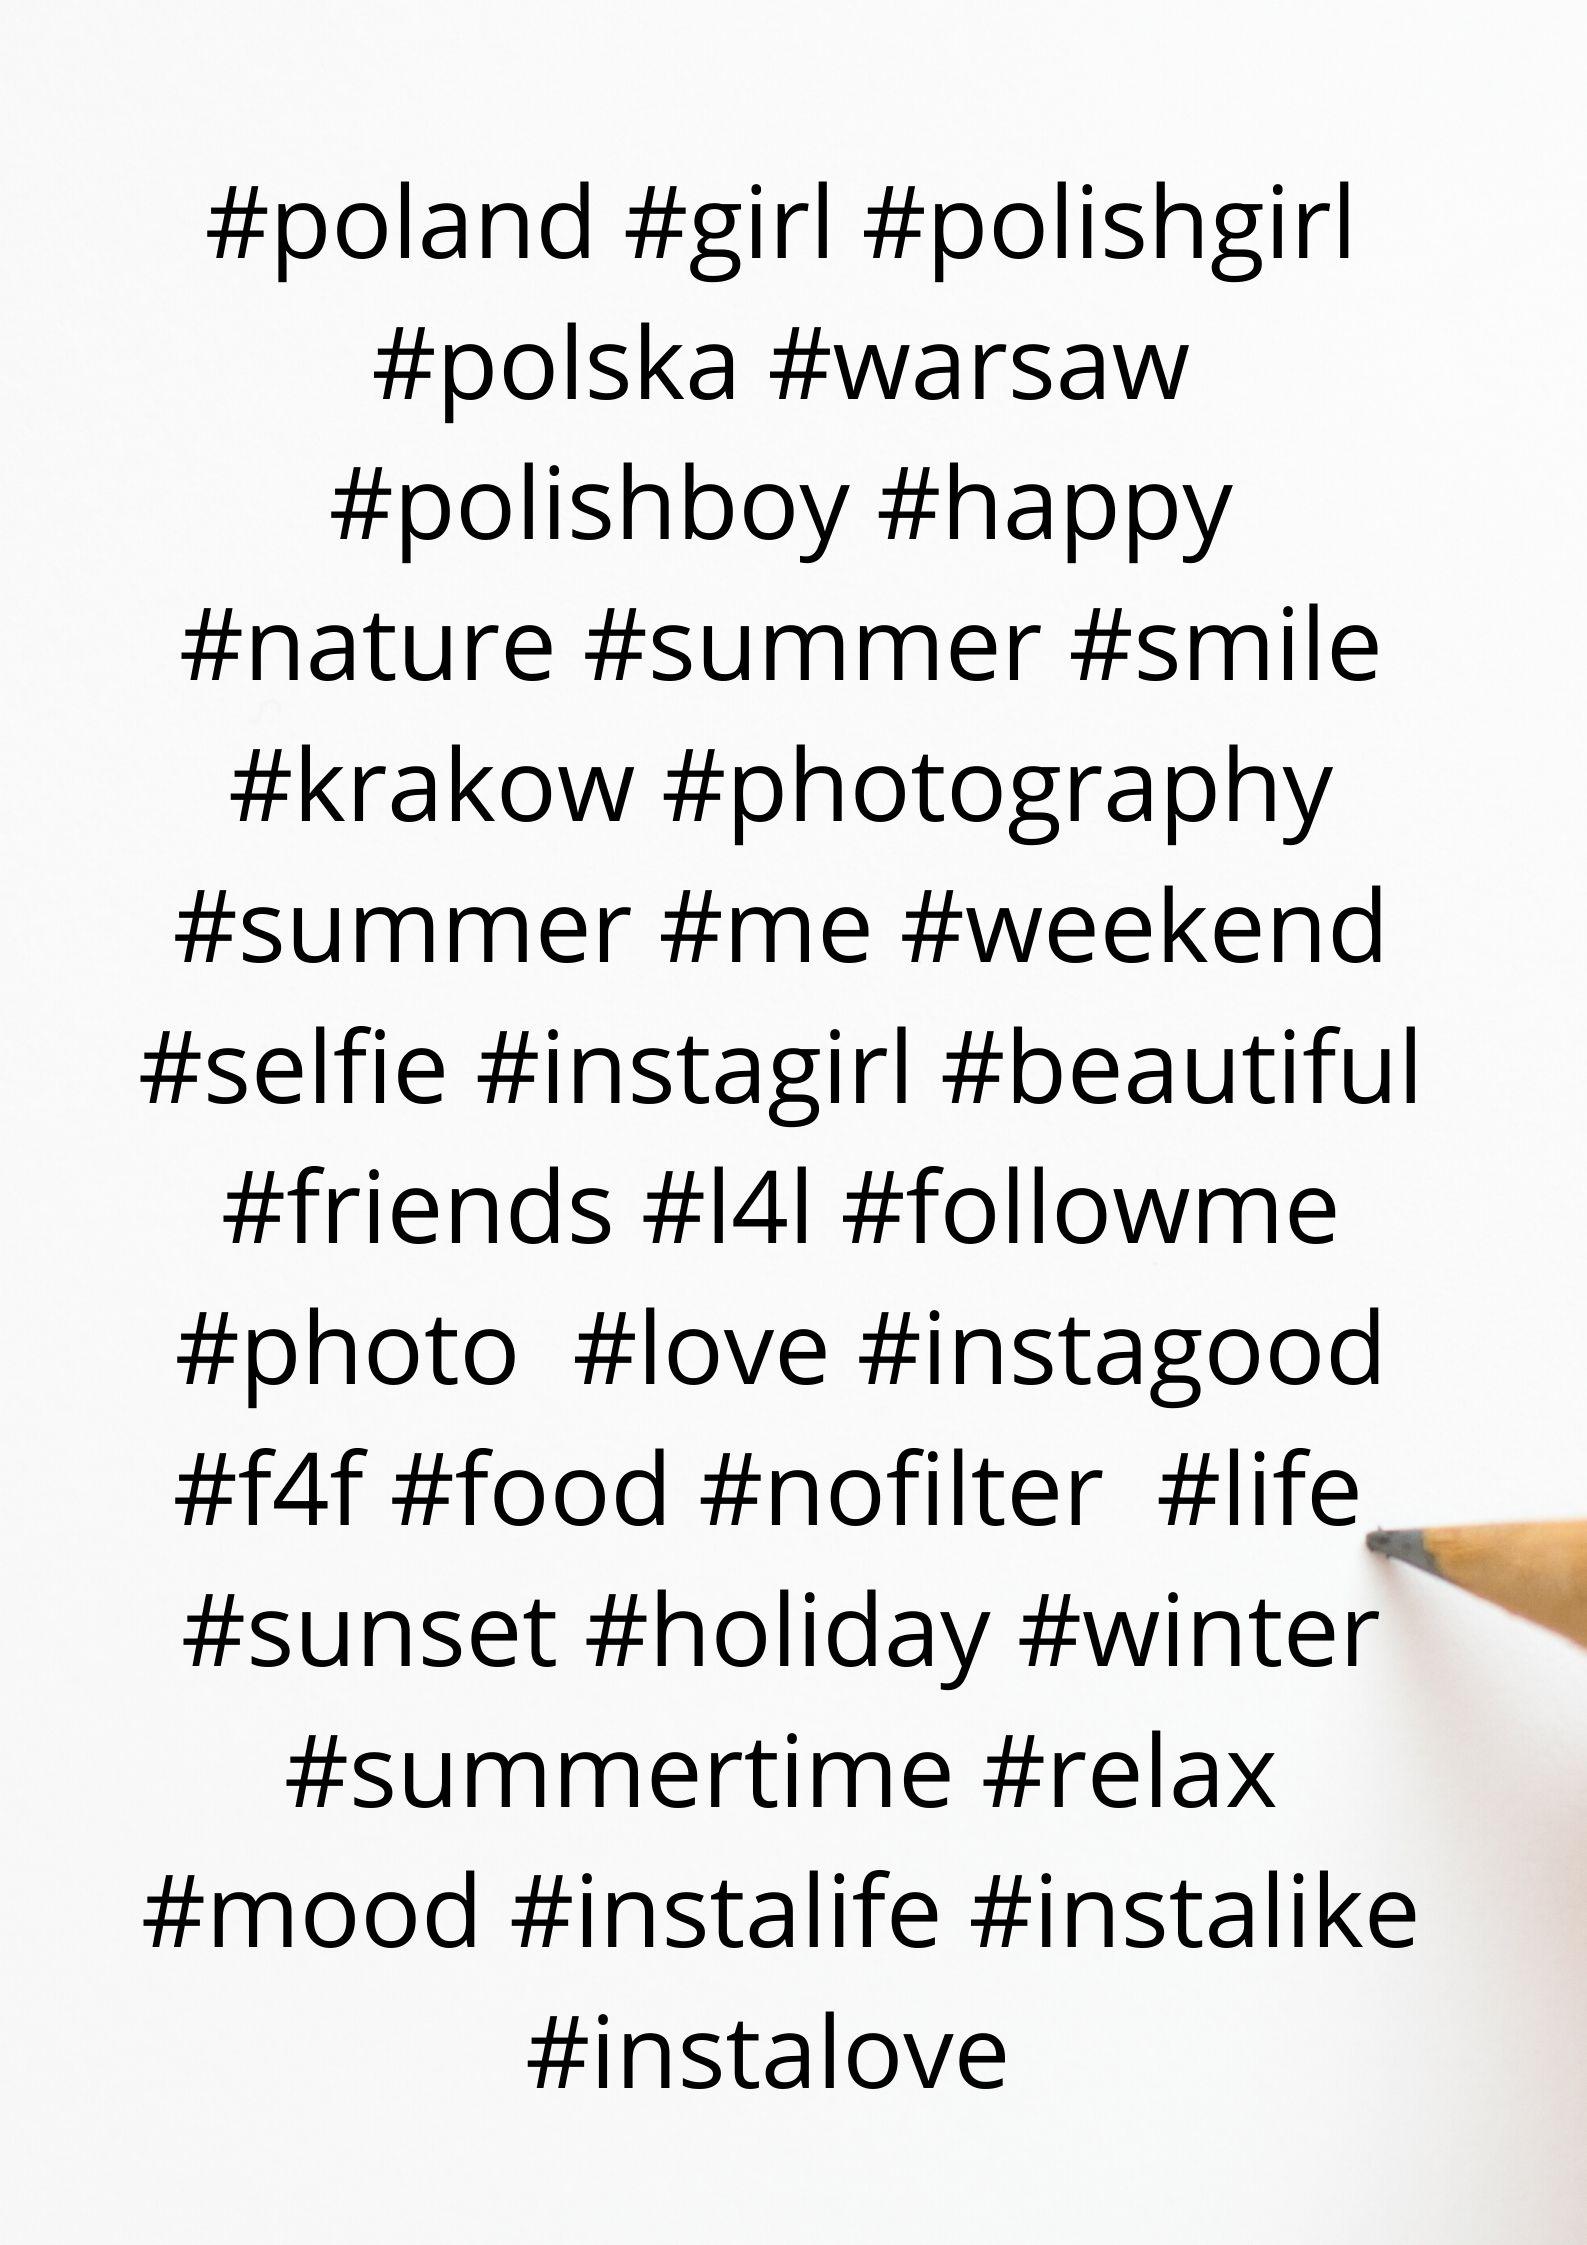 najpopularniejsze hashtagi w Polsce